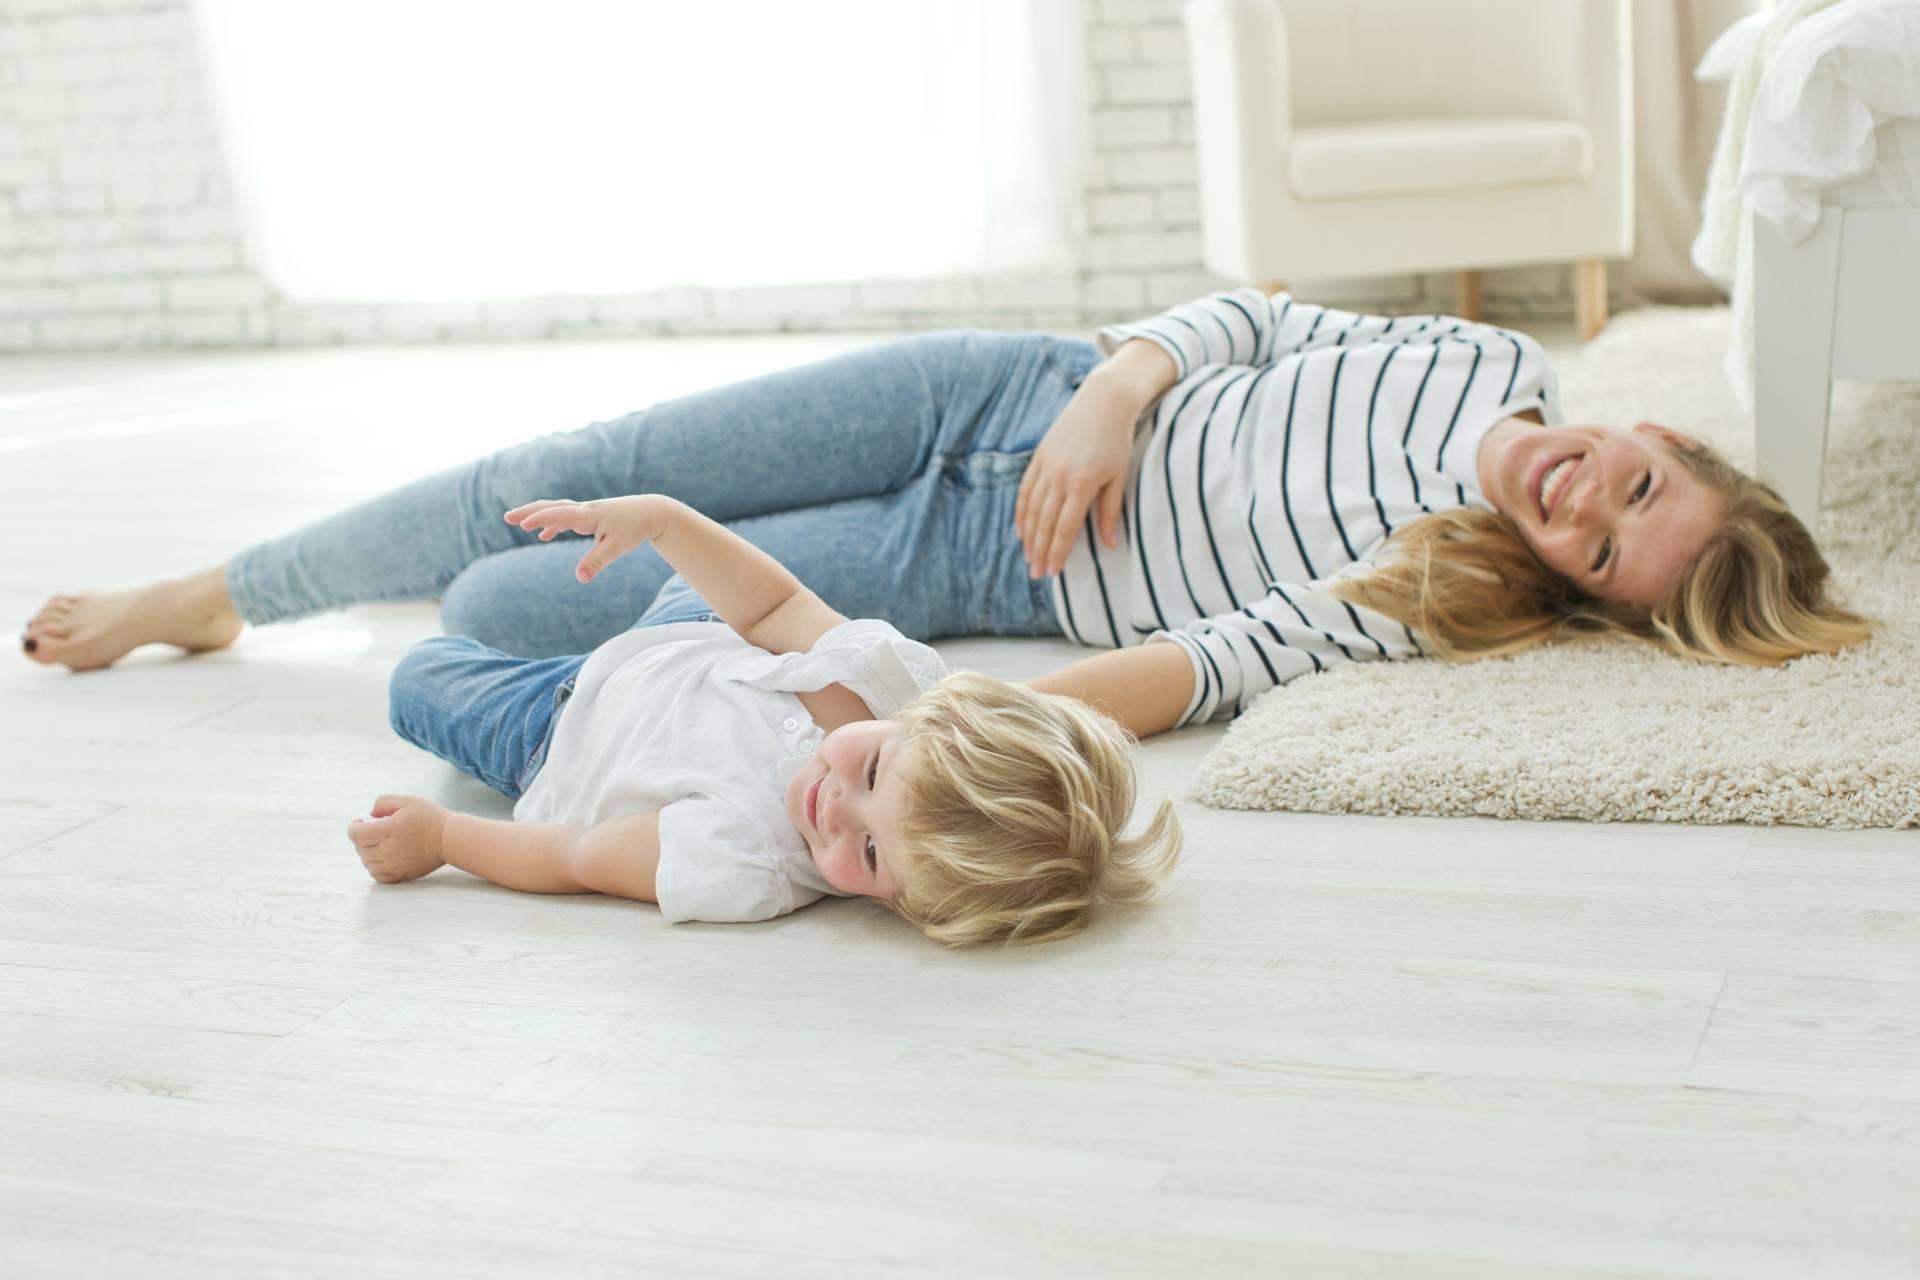 Bunt dwulatka - jak sobie z nim radzić? Mama bawi się na podłodze z synkiem.